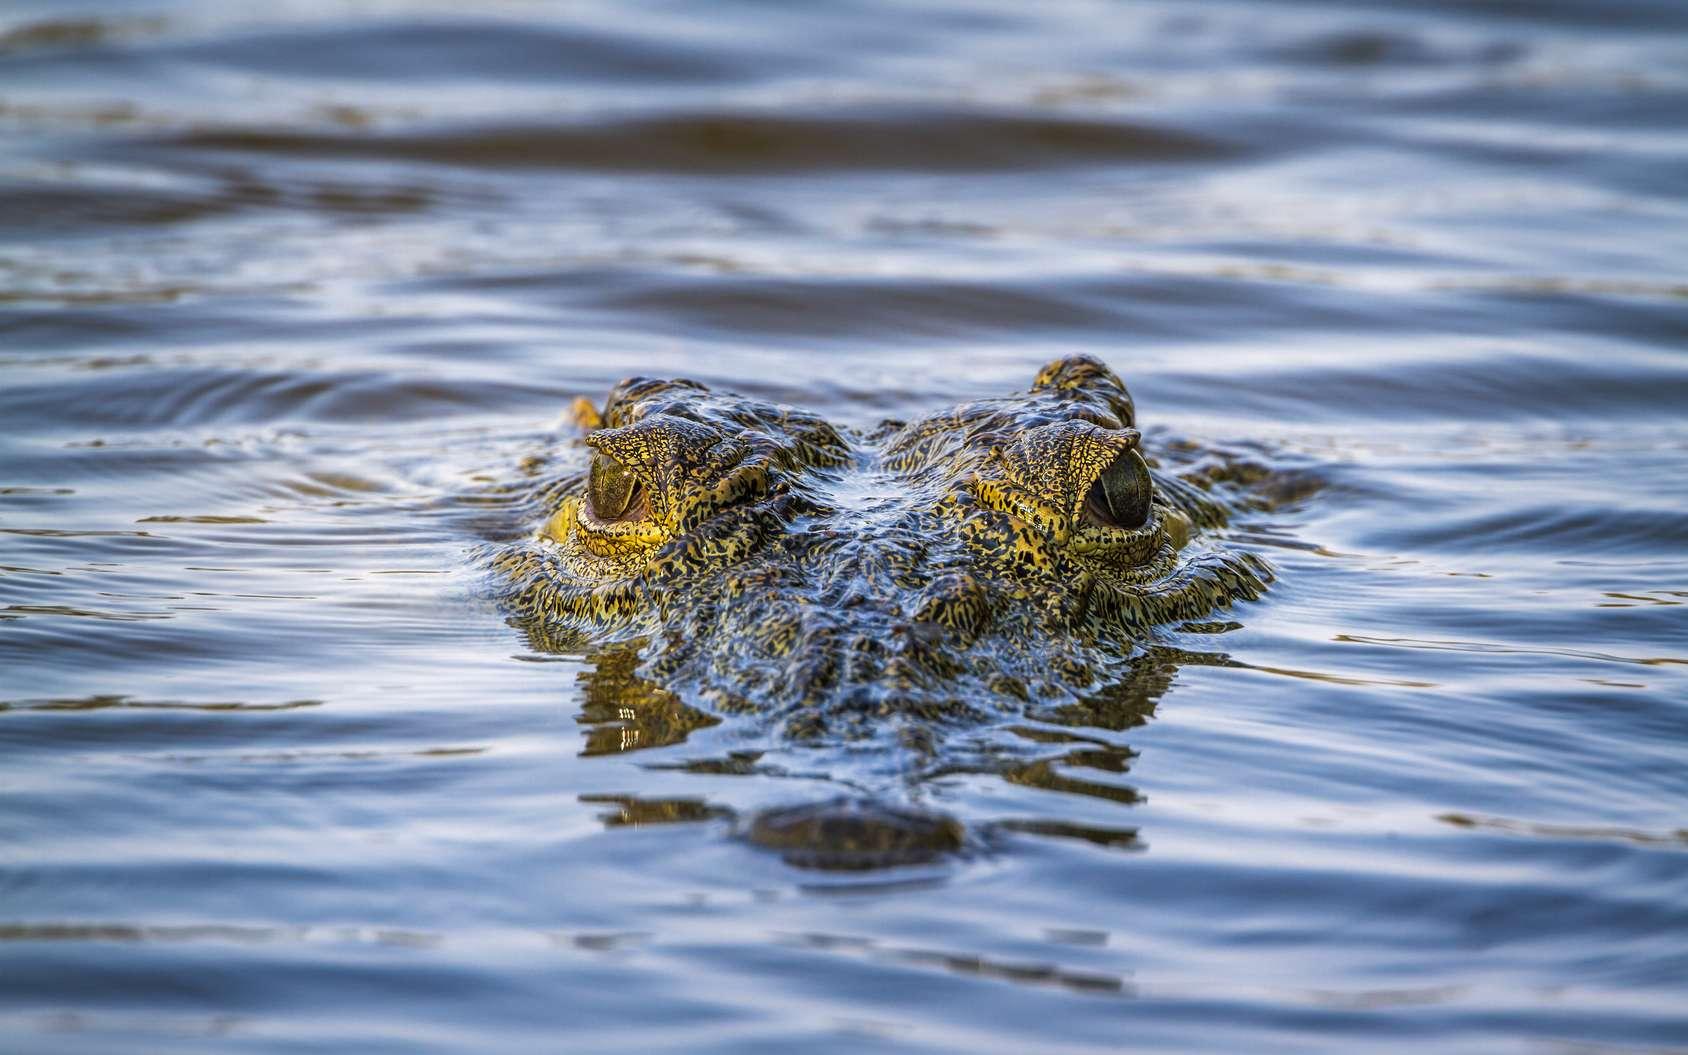 Un crocodile fossile géant a été baptisé Lemmy en hommage au leader de Motörhead. Ici, un crocodile du Nil d'aujourd'hui. Au Jurassique, ses lointains cousins peuplaient les terres émergées mais aussi les eaux côtières des continents. © Utopia, Fotolia